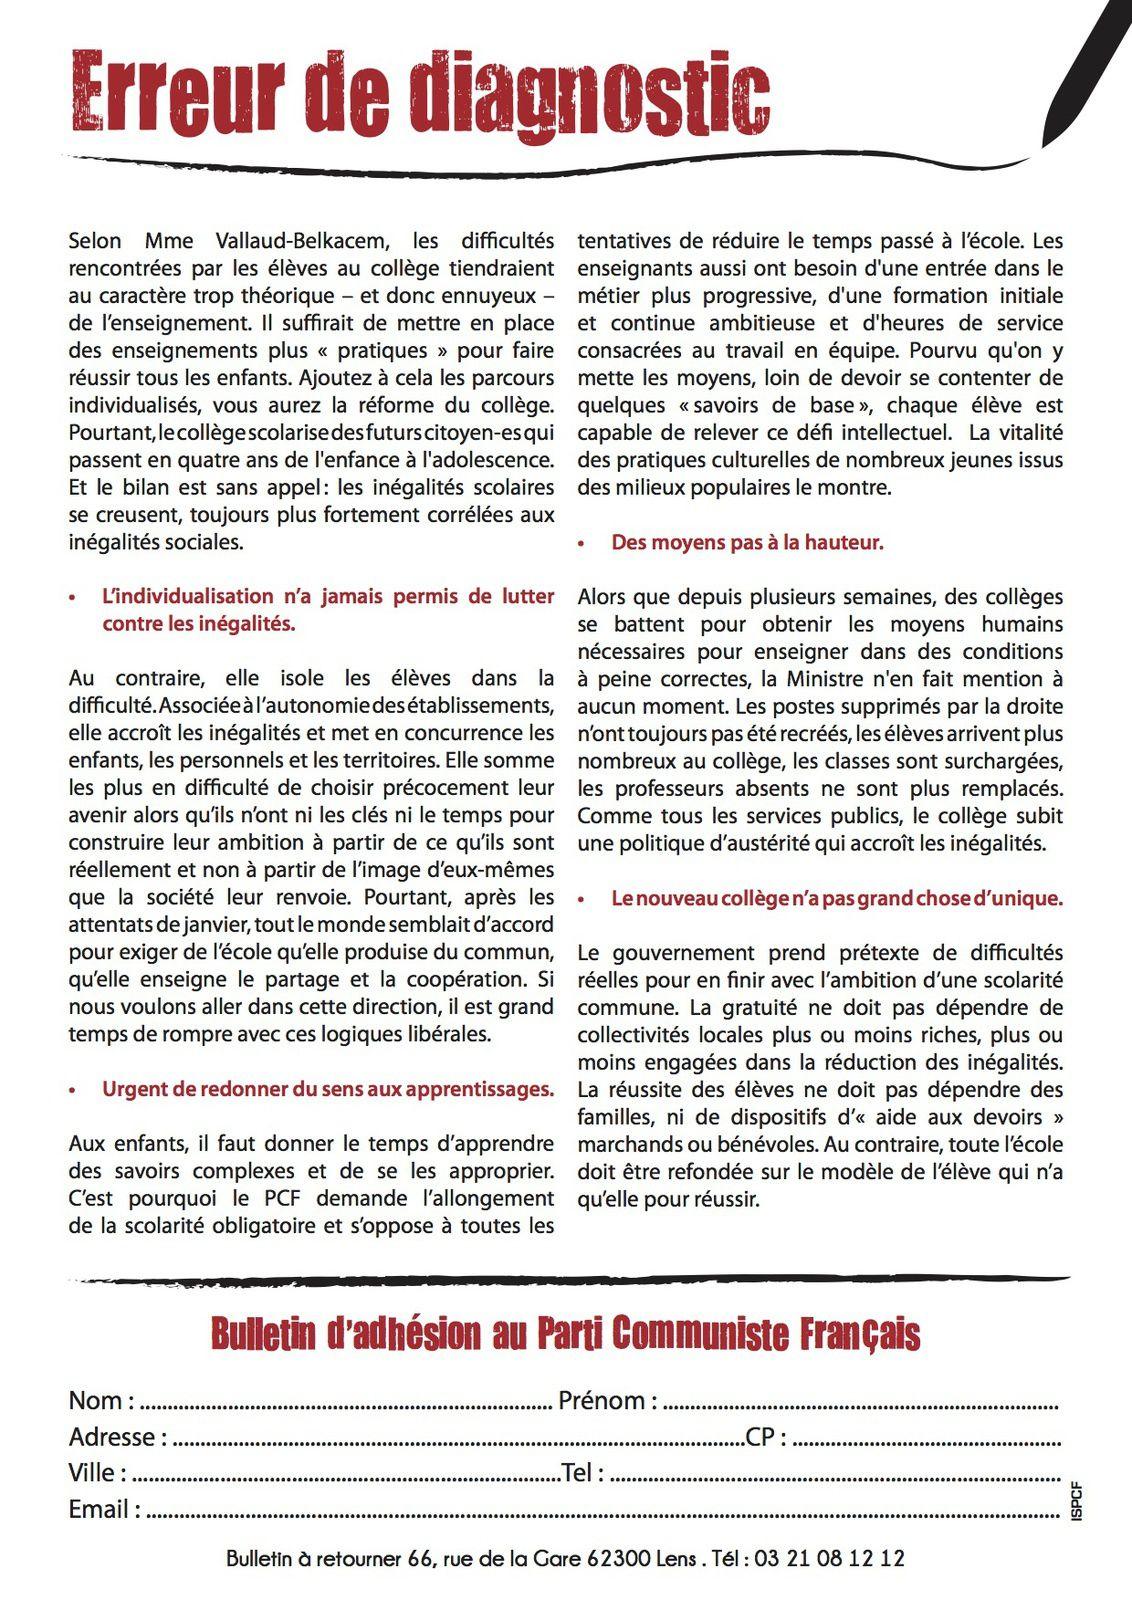 Réforme du collège : le tract du PCF 62